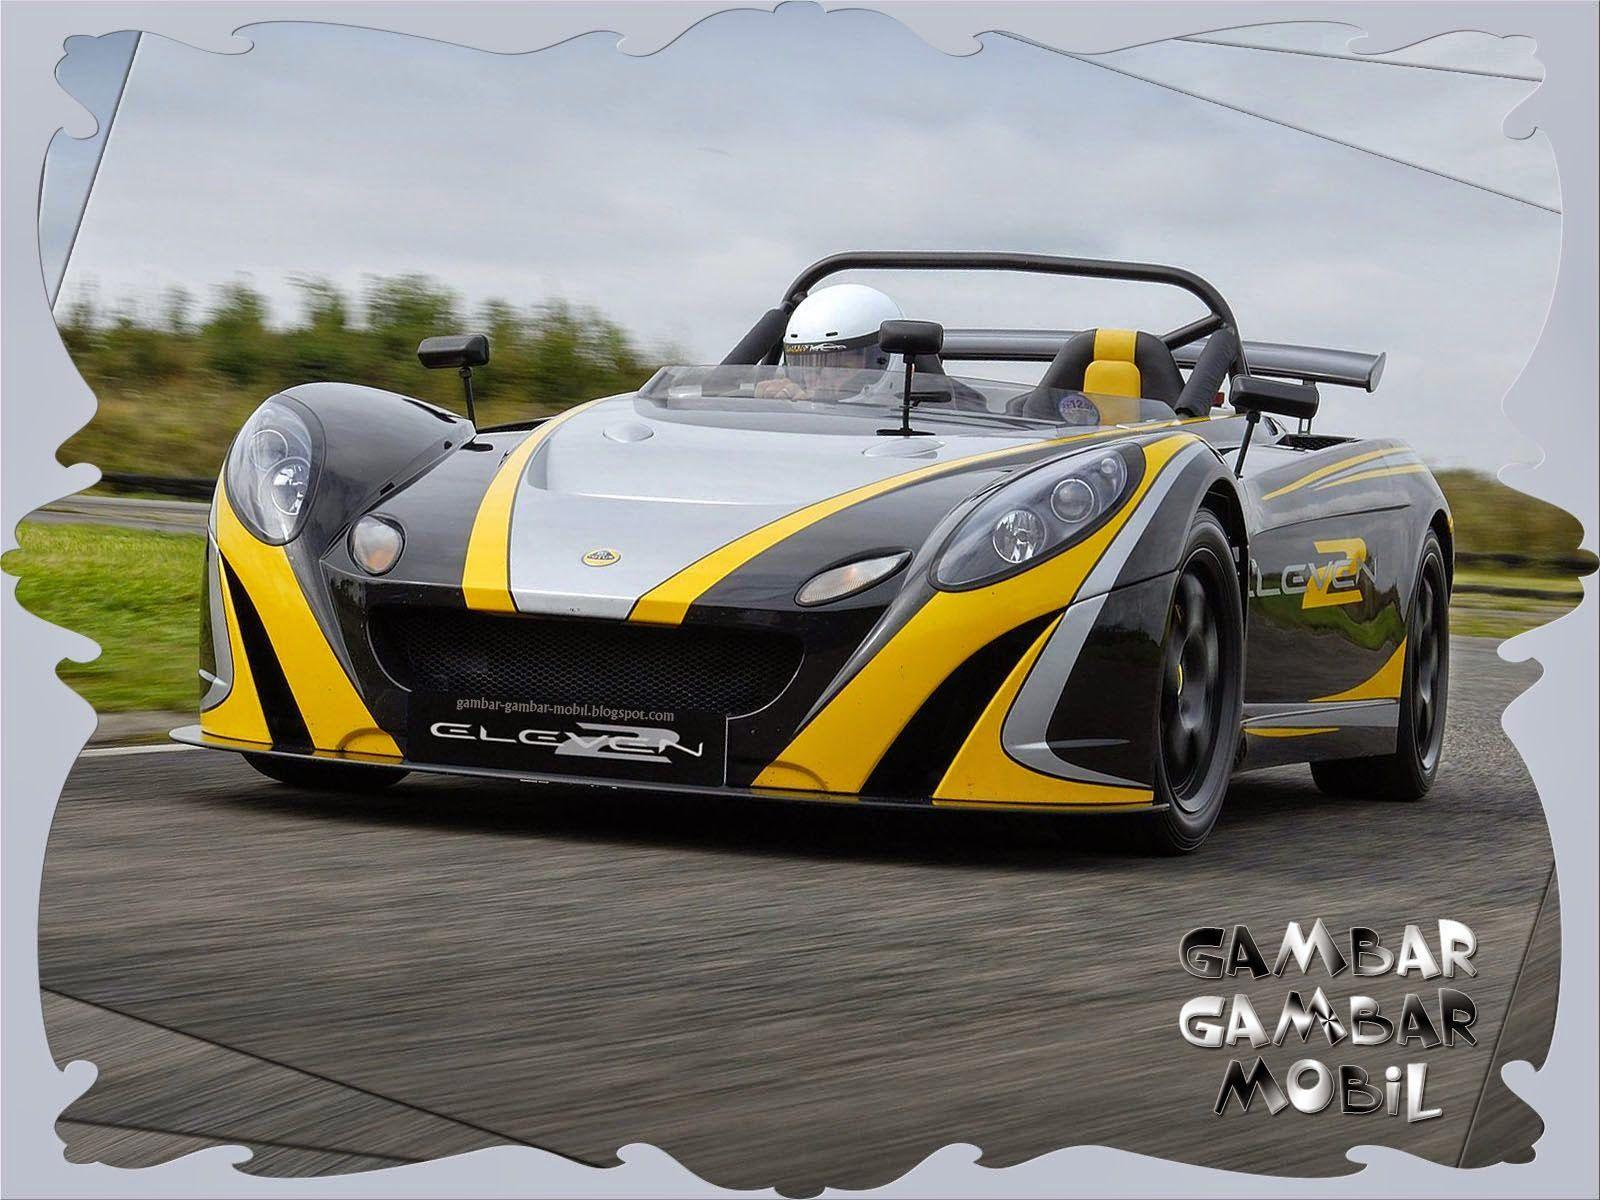 Gambar Mobil Cars 2 Gambar Gambar Mobil Mobil Mobil Balap Gambar